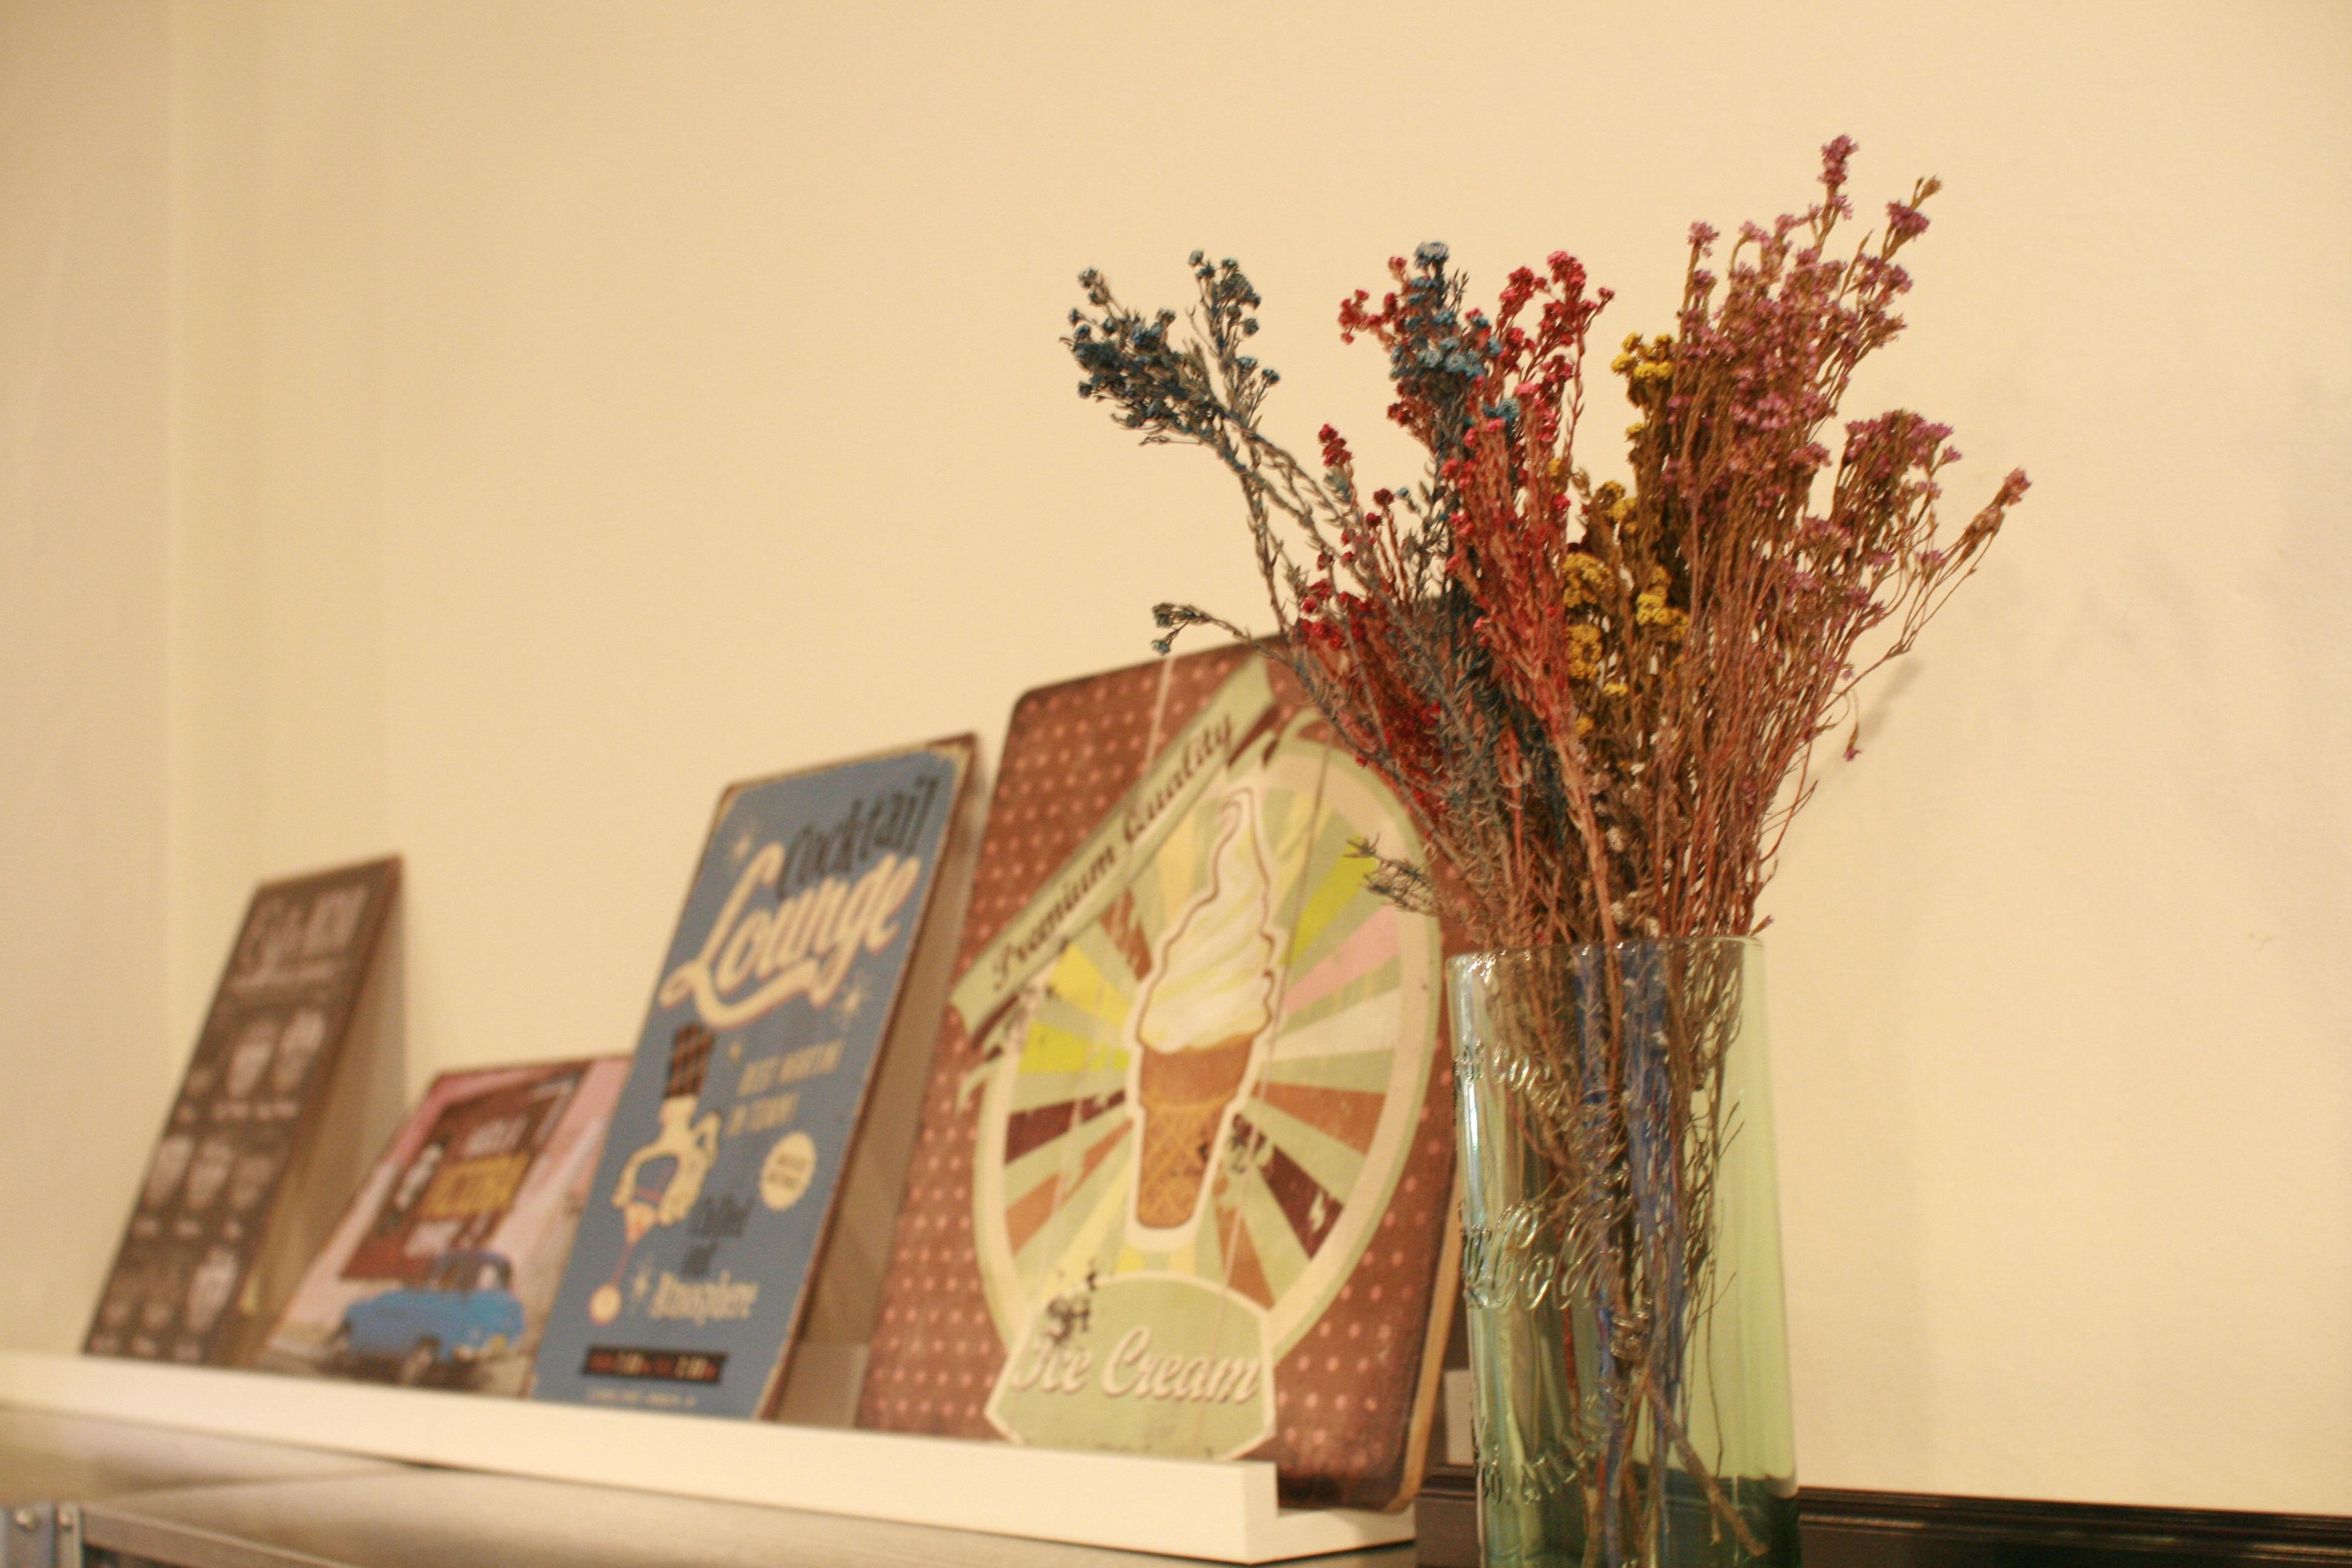 Kostenlose foto : Cafe, Blume, Malerei, Bilderrahmen, Floristik ...